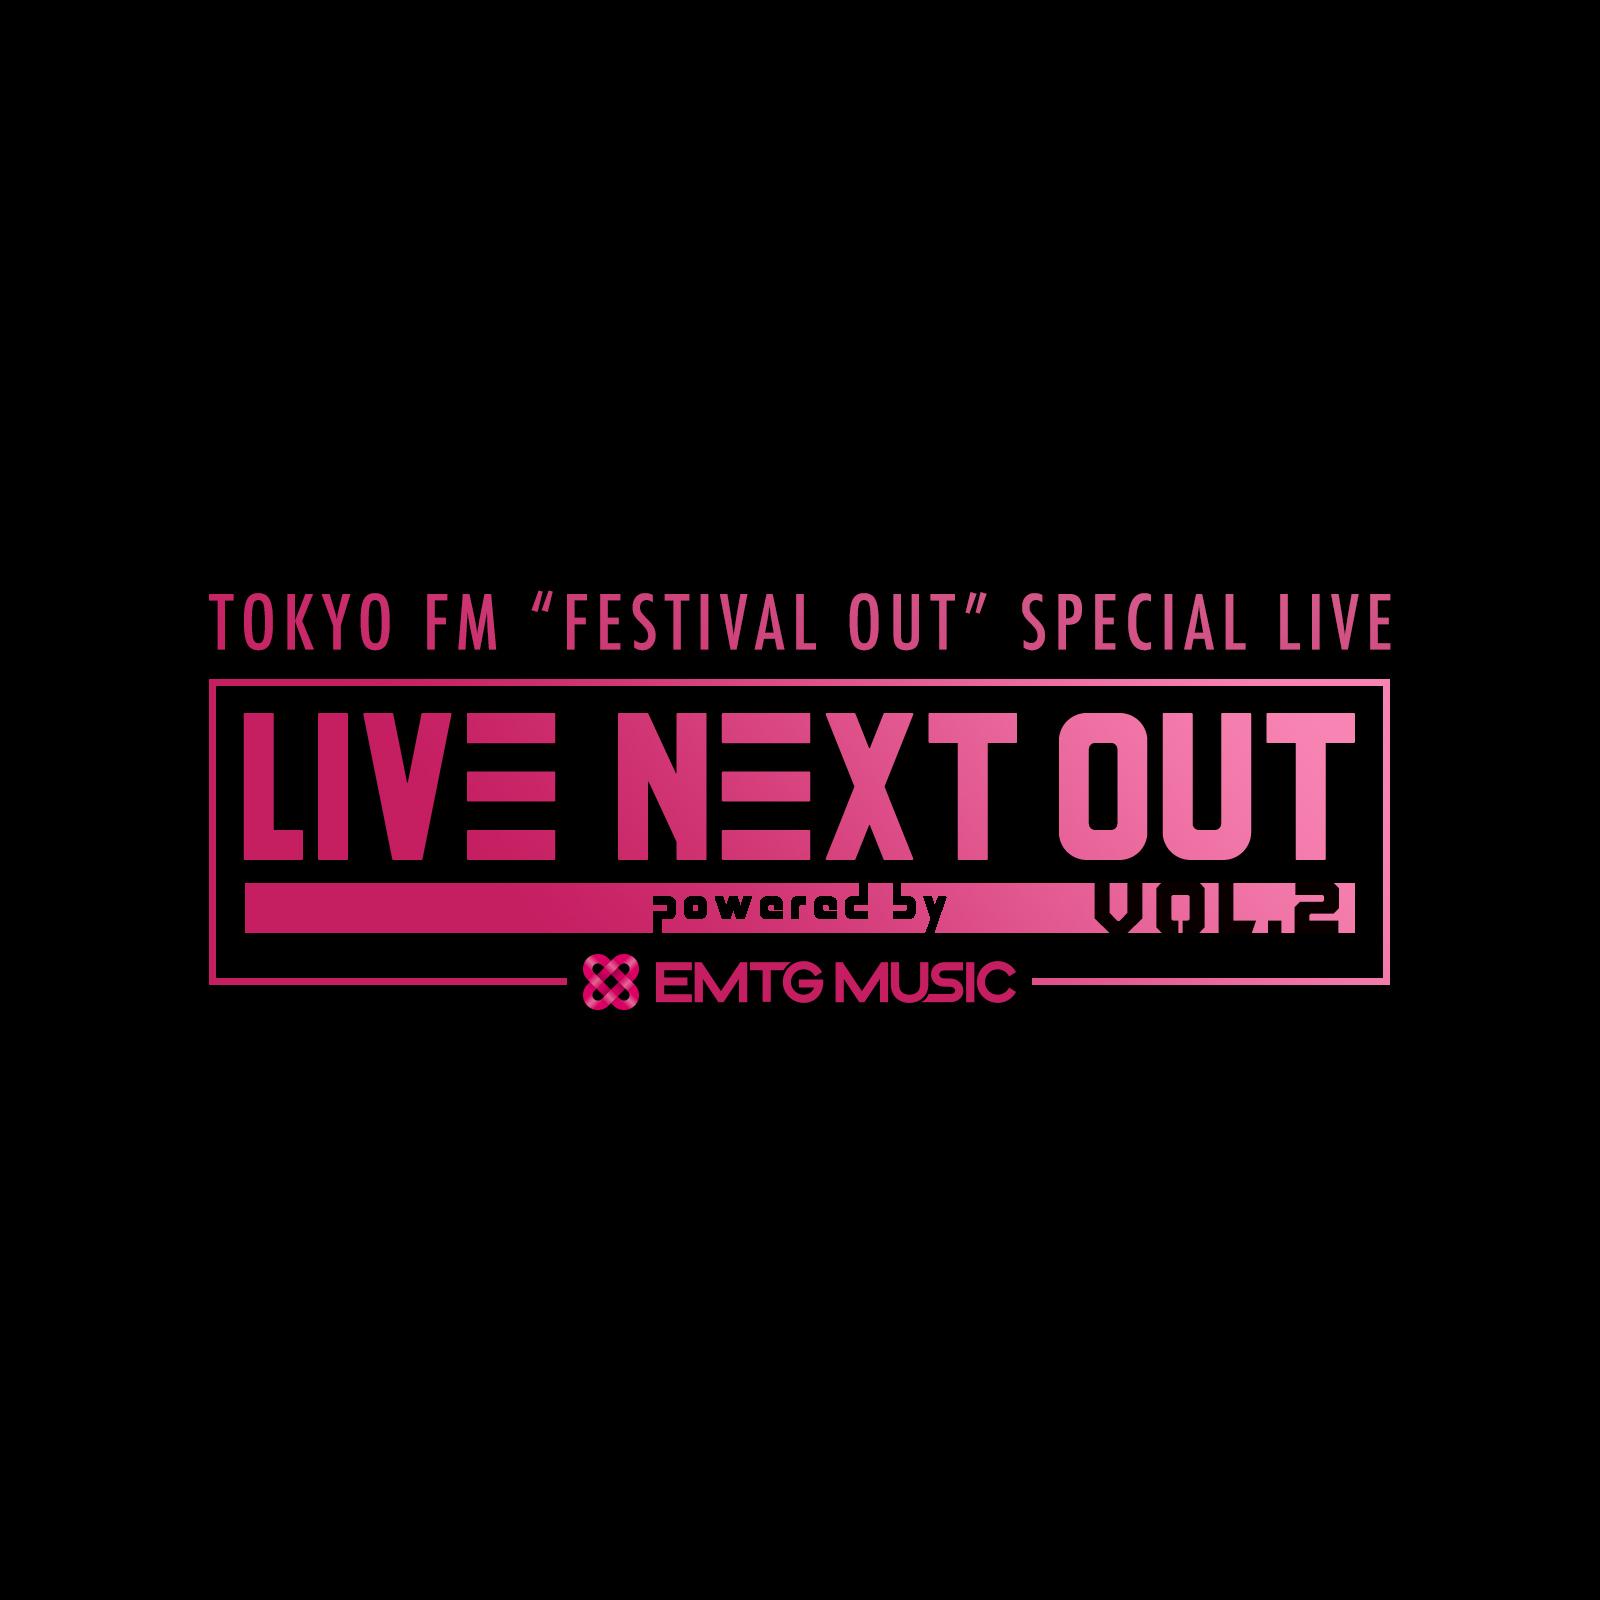 TOKYO FM「FESTIVAL OUT」主催のライブイベントに出演決定!